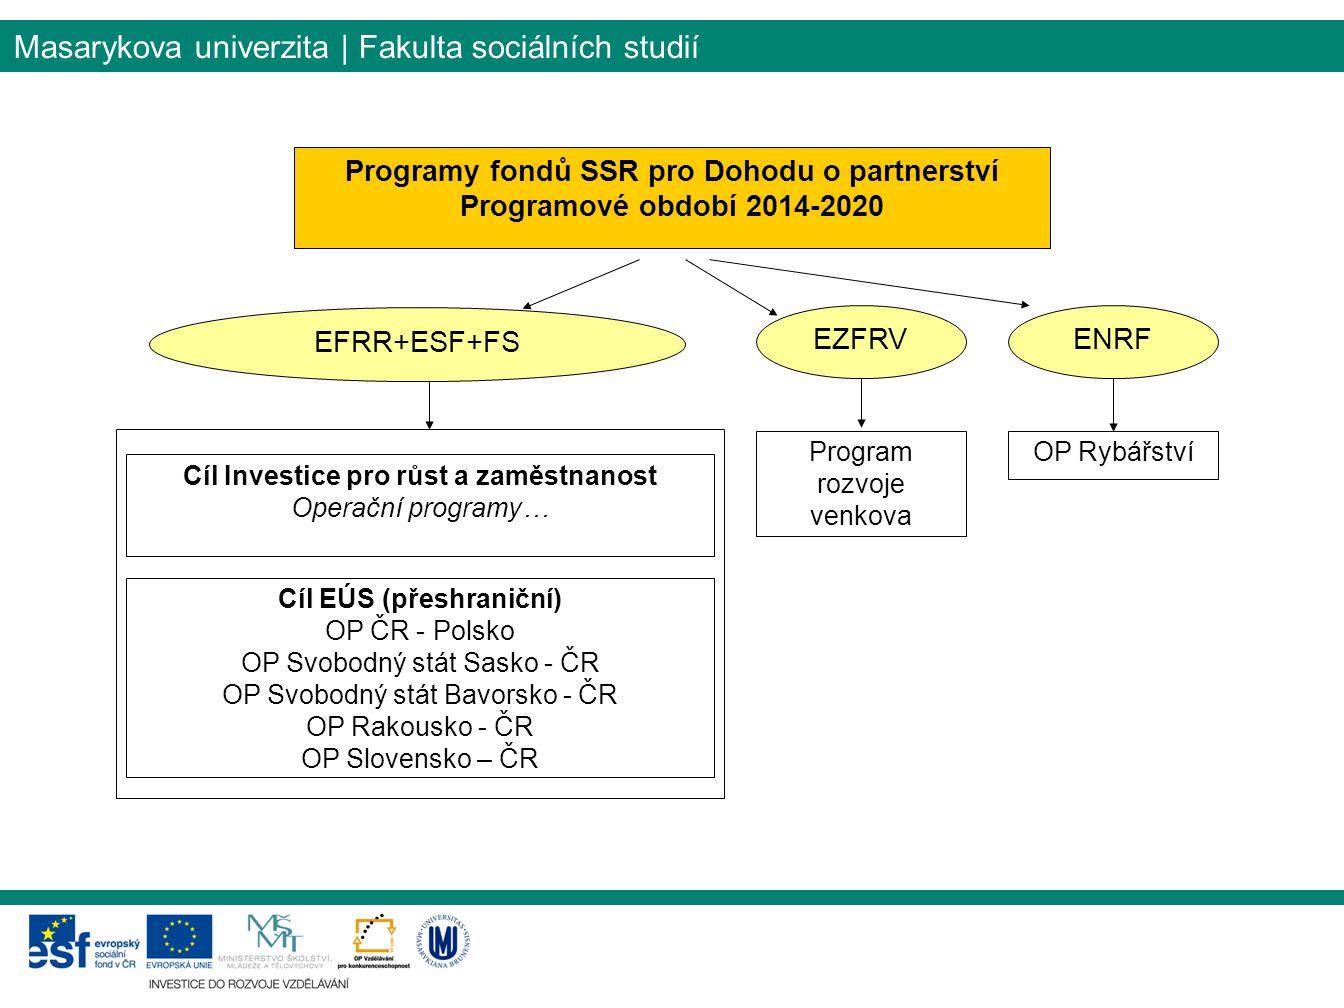 Masarykova univerzita | Fakulta sociálních studií Programy fondů SSR pro Dohodu o partnerství Programové období 2014-2020 EFRR+ESF+FS EZFRV ENRF Progr